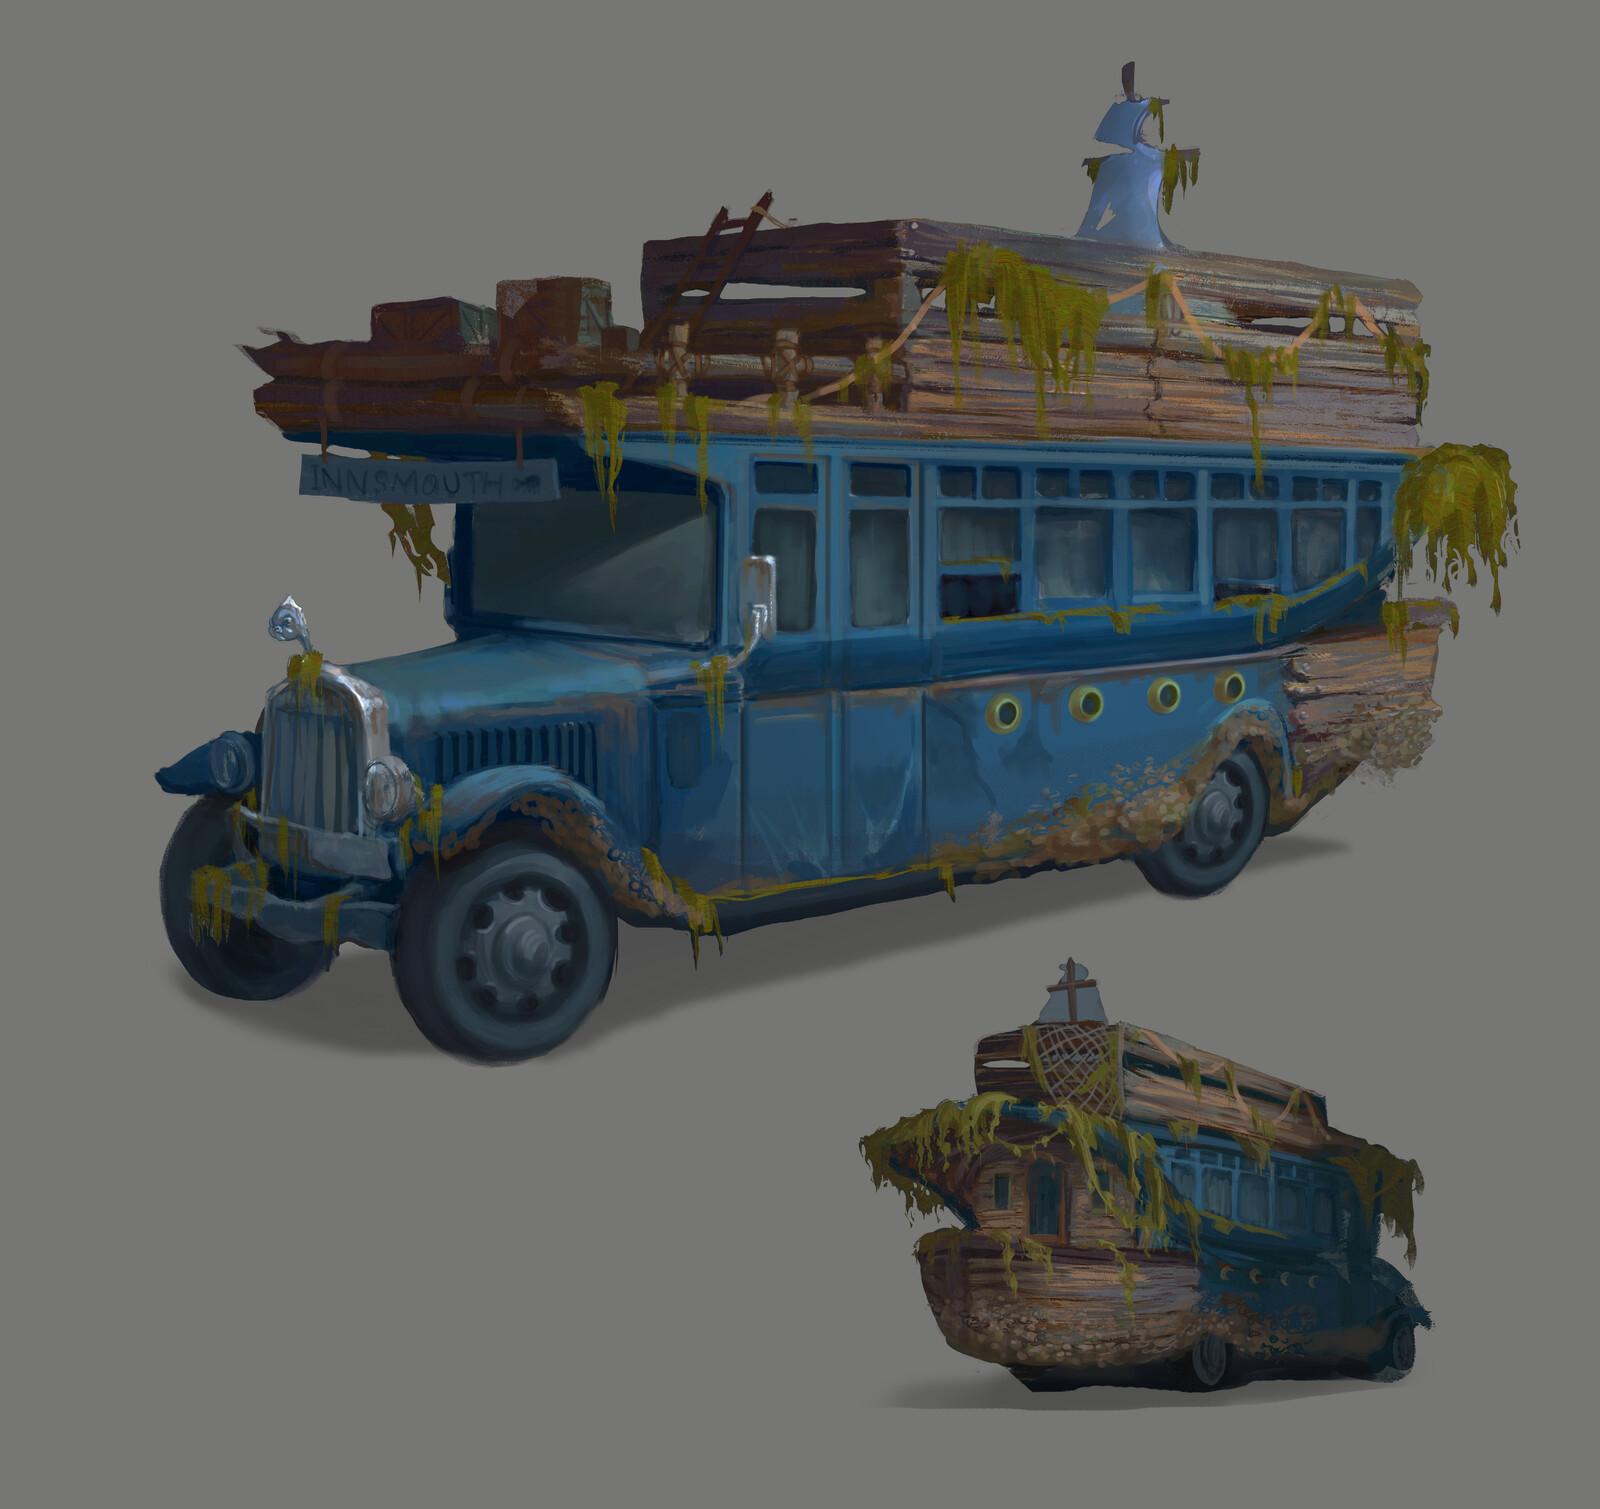 Innsmouth Bus